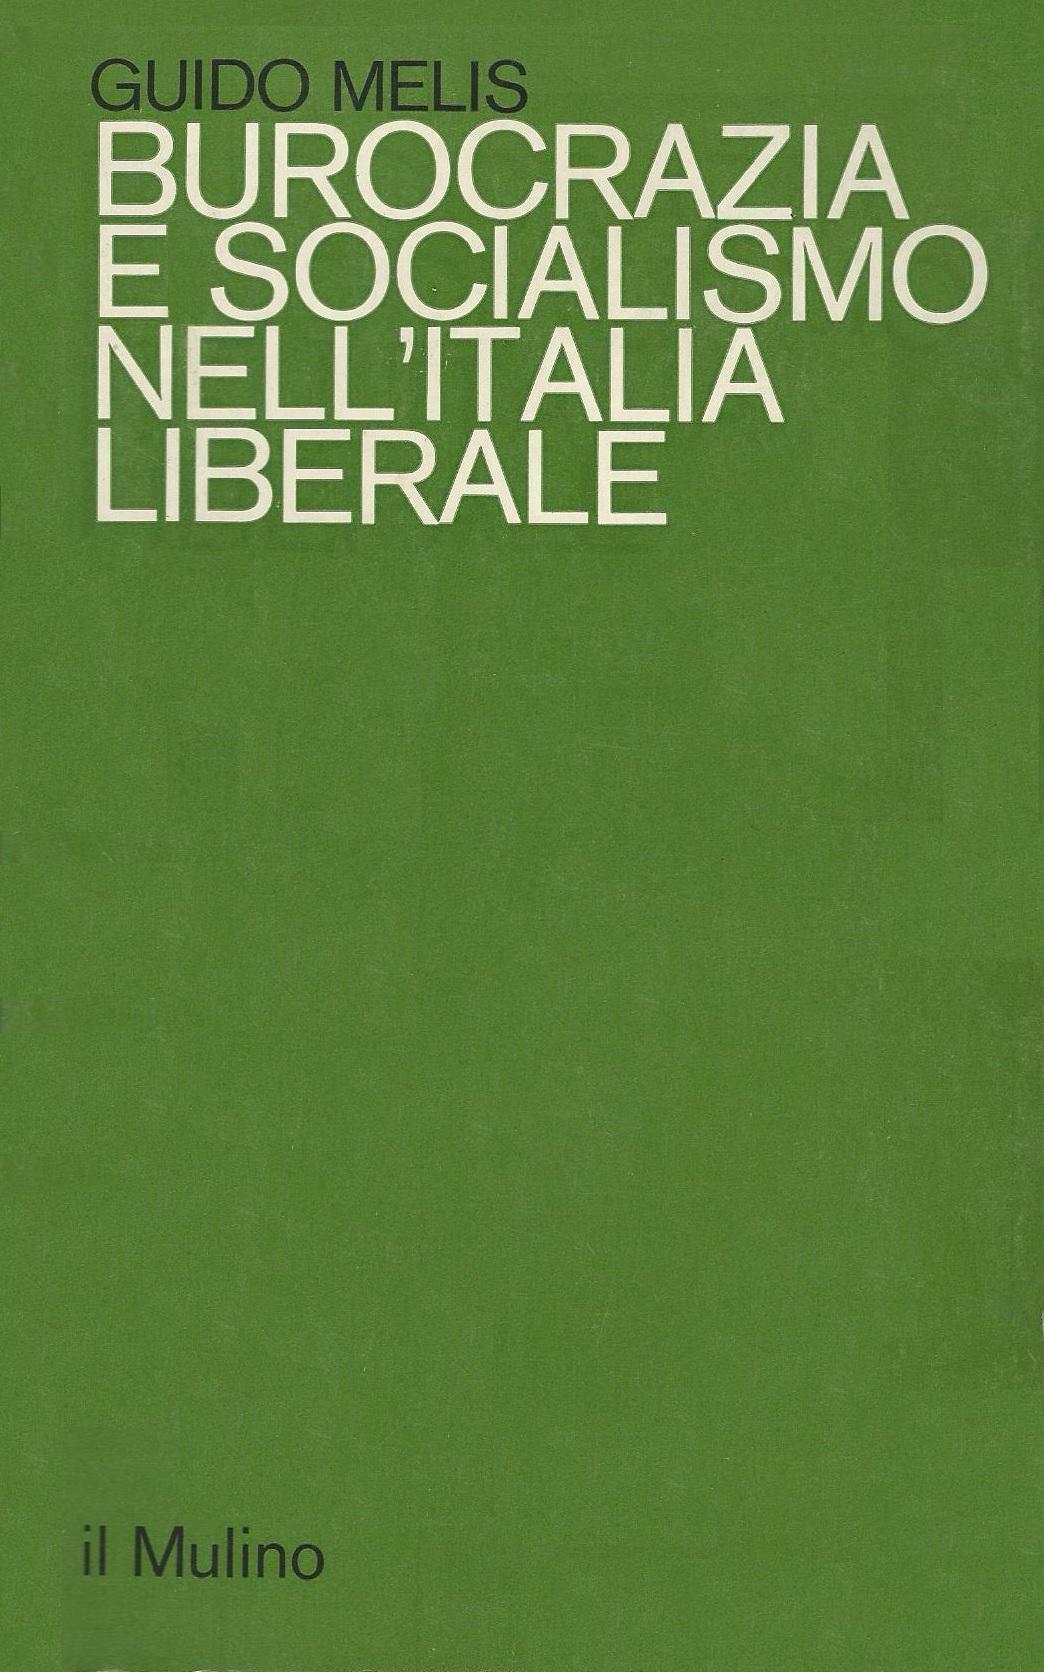 Burocrazia e socialismo nell'Italia liberale